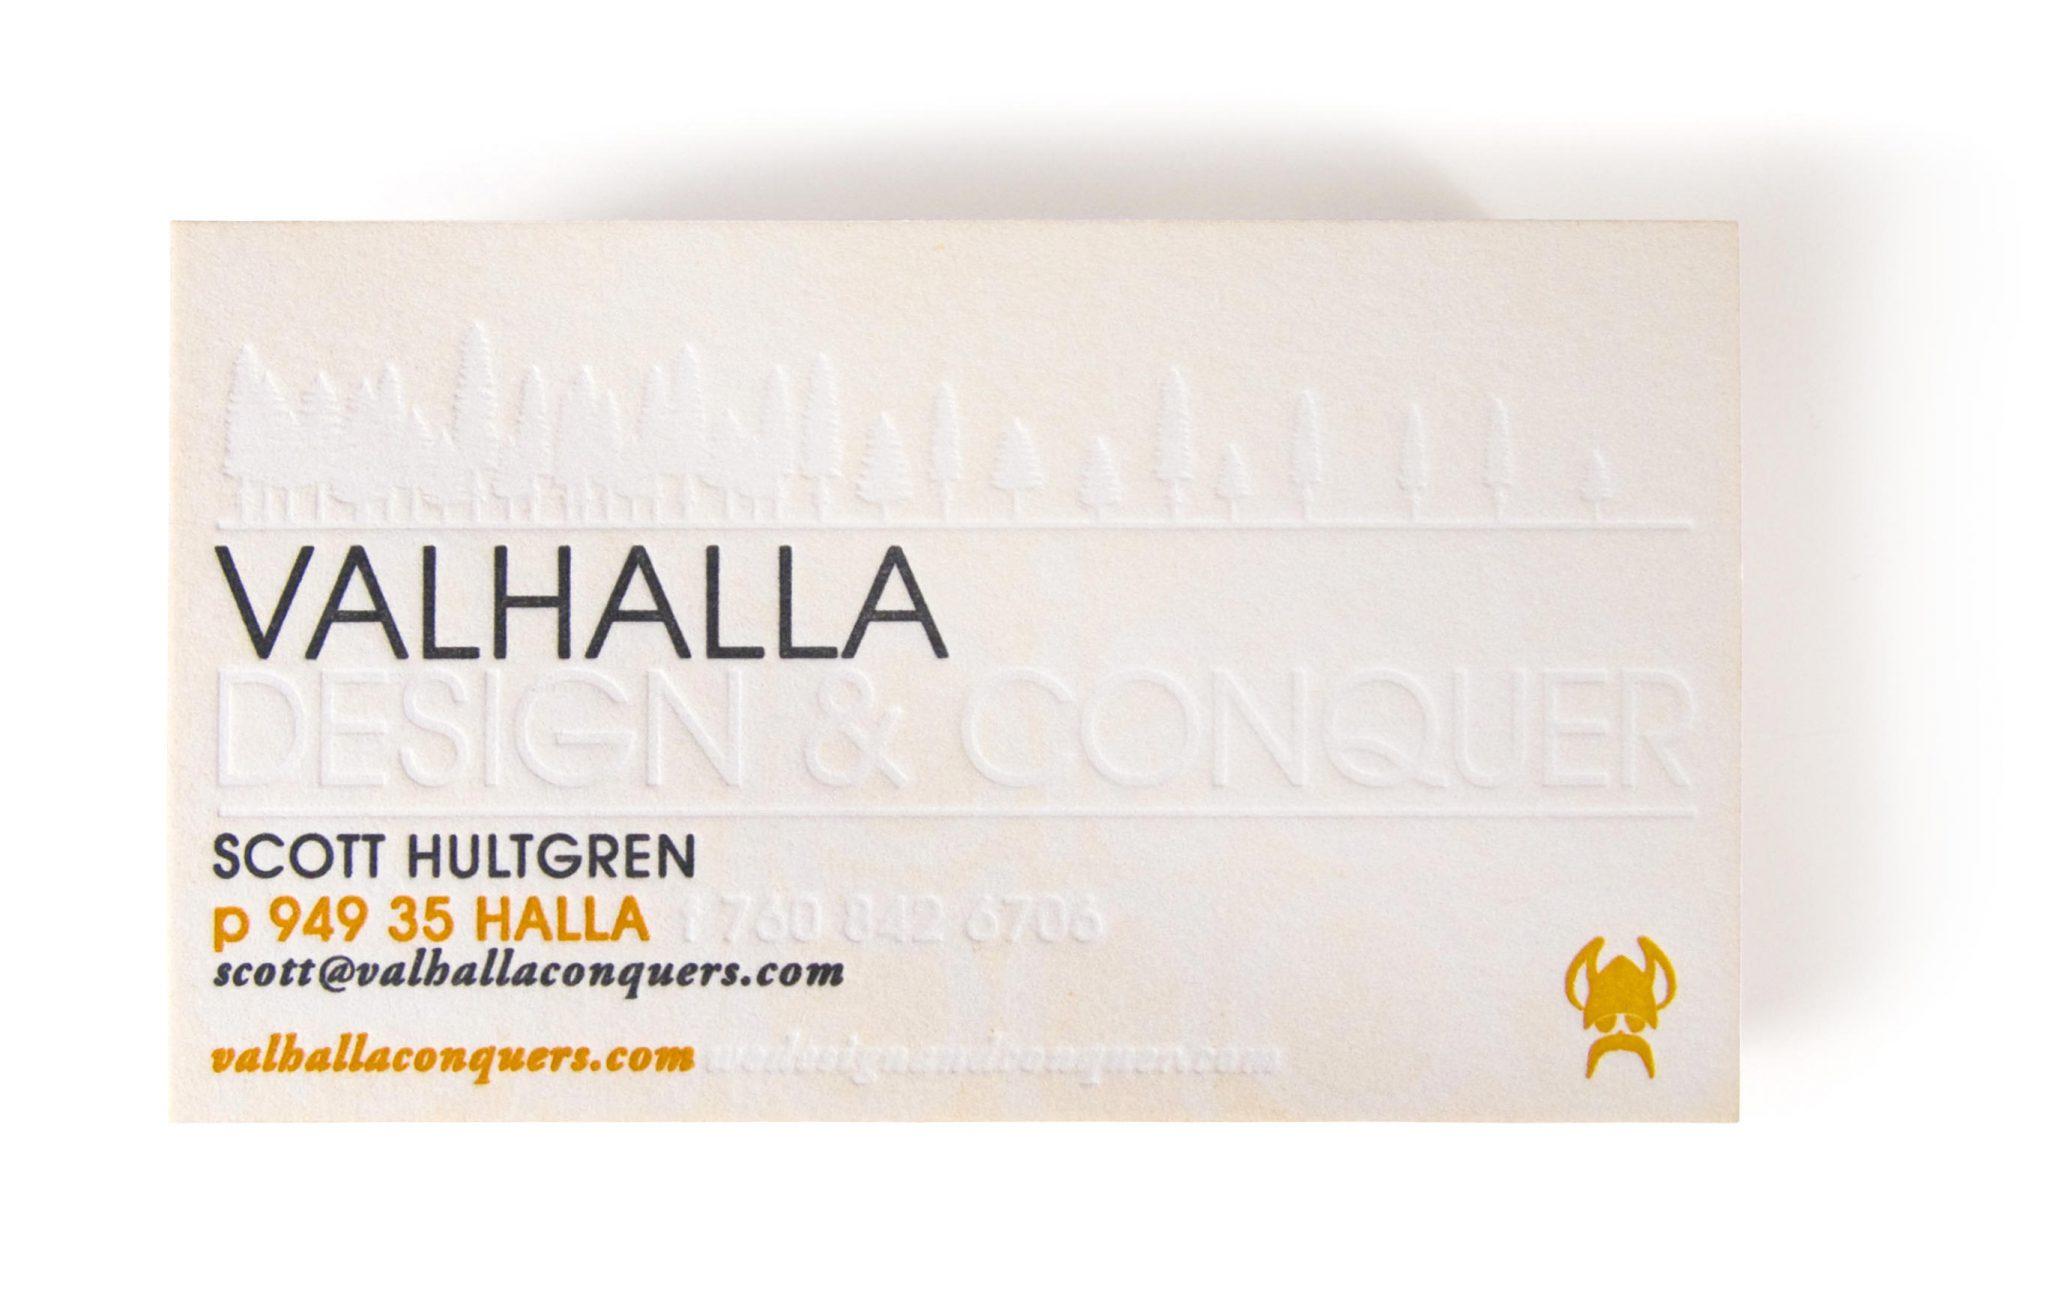 Valhalla Business Card